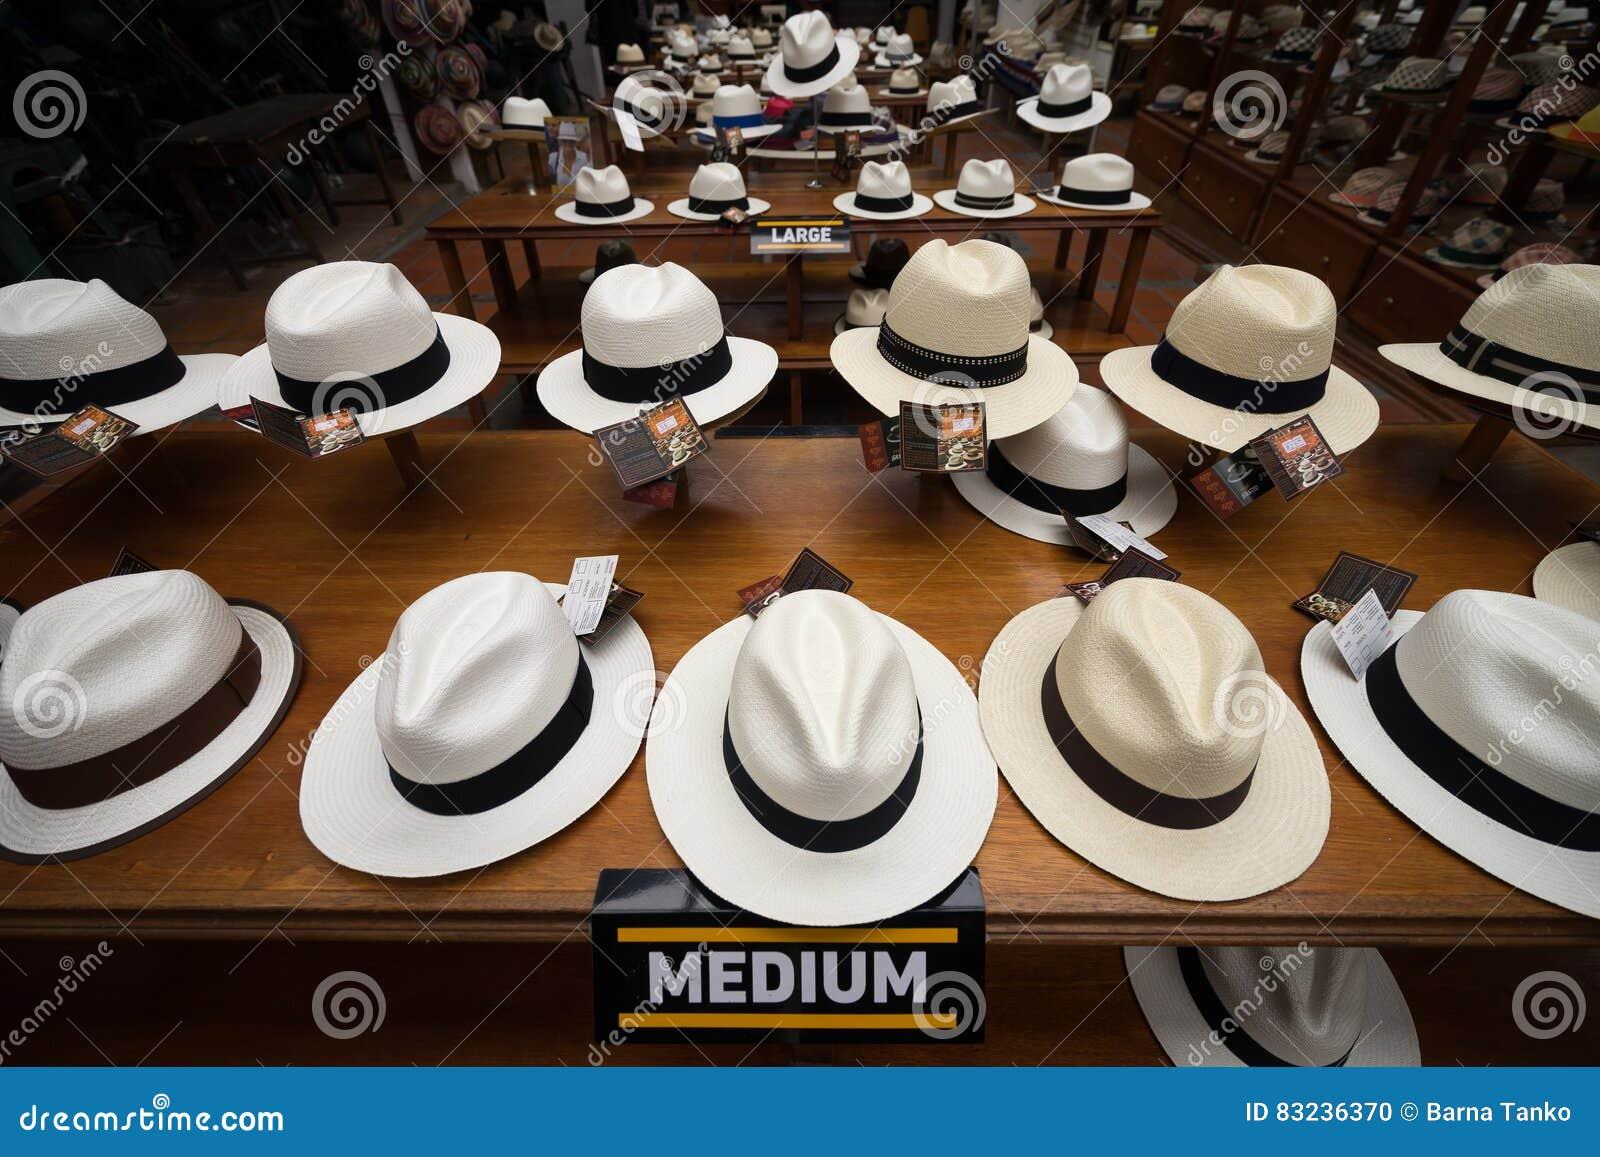 large choix de couleurs et de dessins gamme complète d'articles luxuriant dans la conception Musée De Chapeau De Panama à Cuenca Image éditorial - Image ...